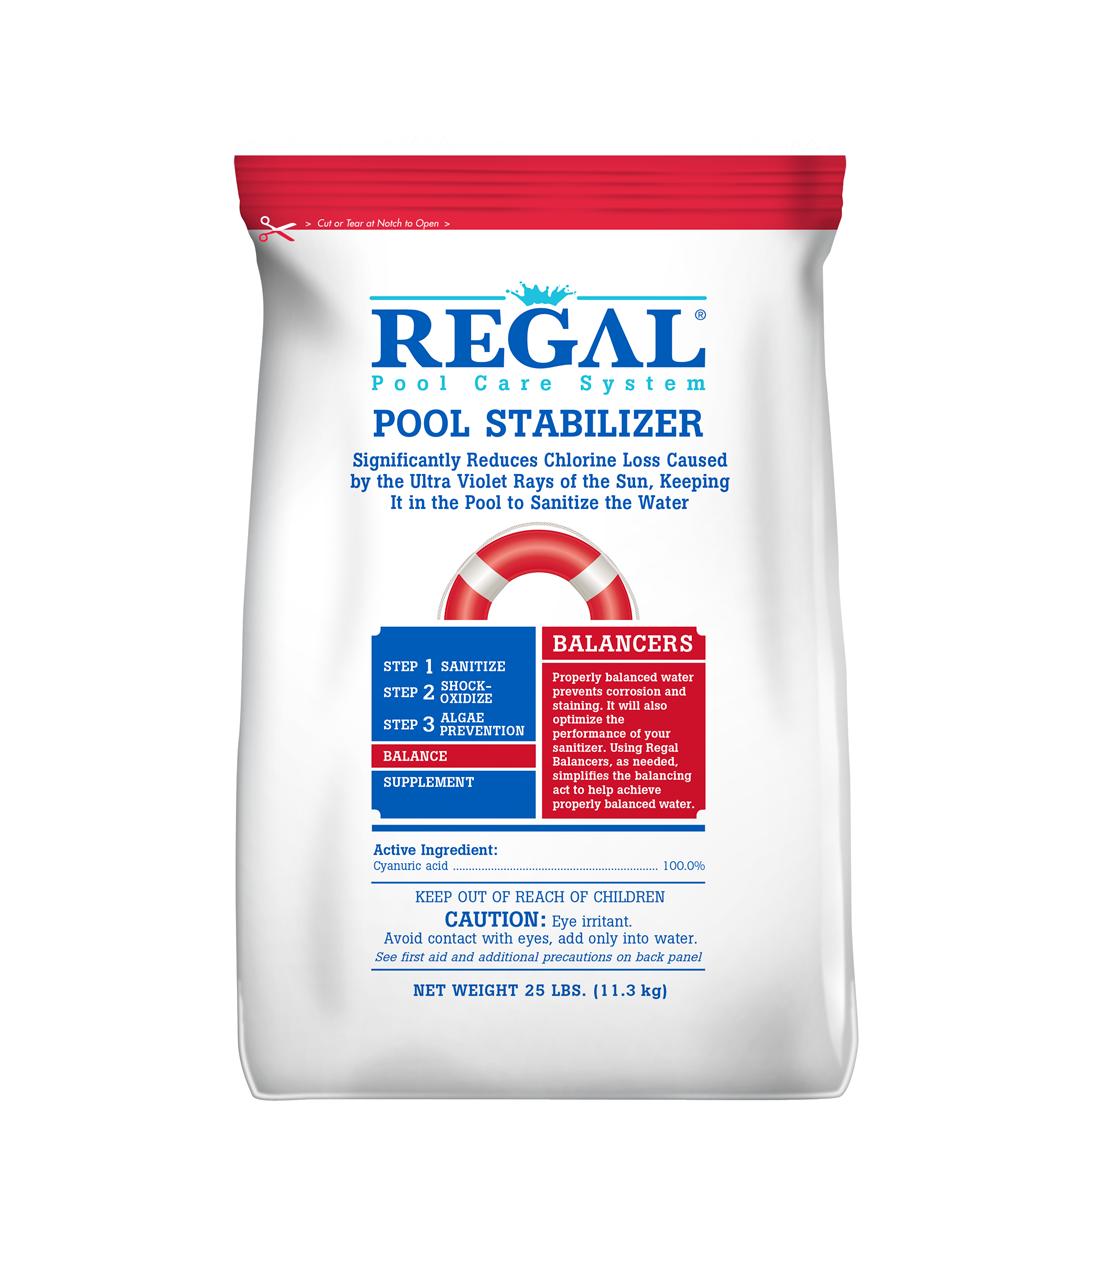 Pool Stabilizer Servco